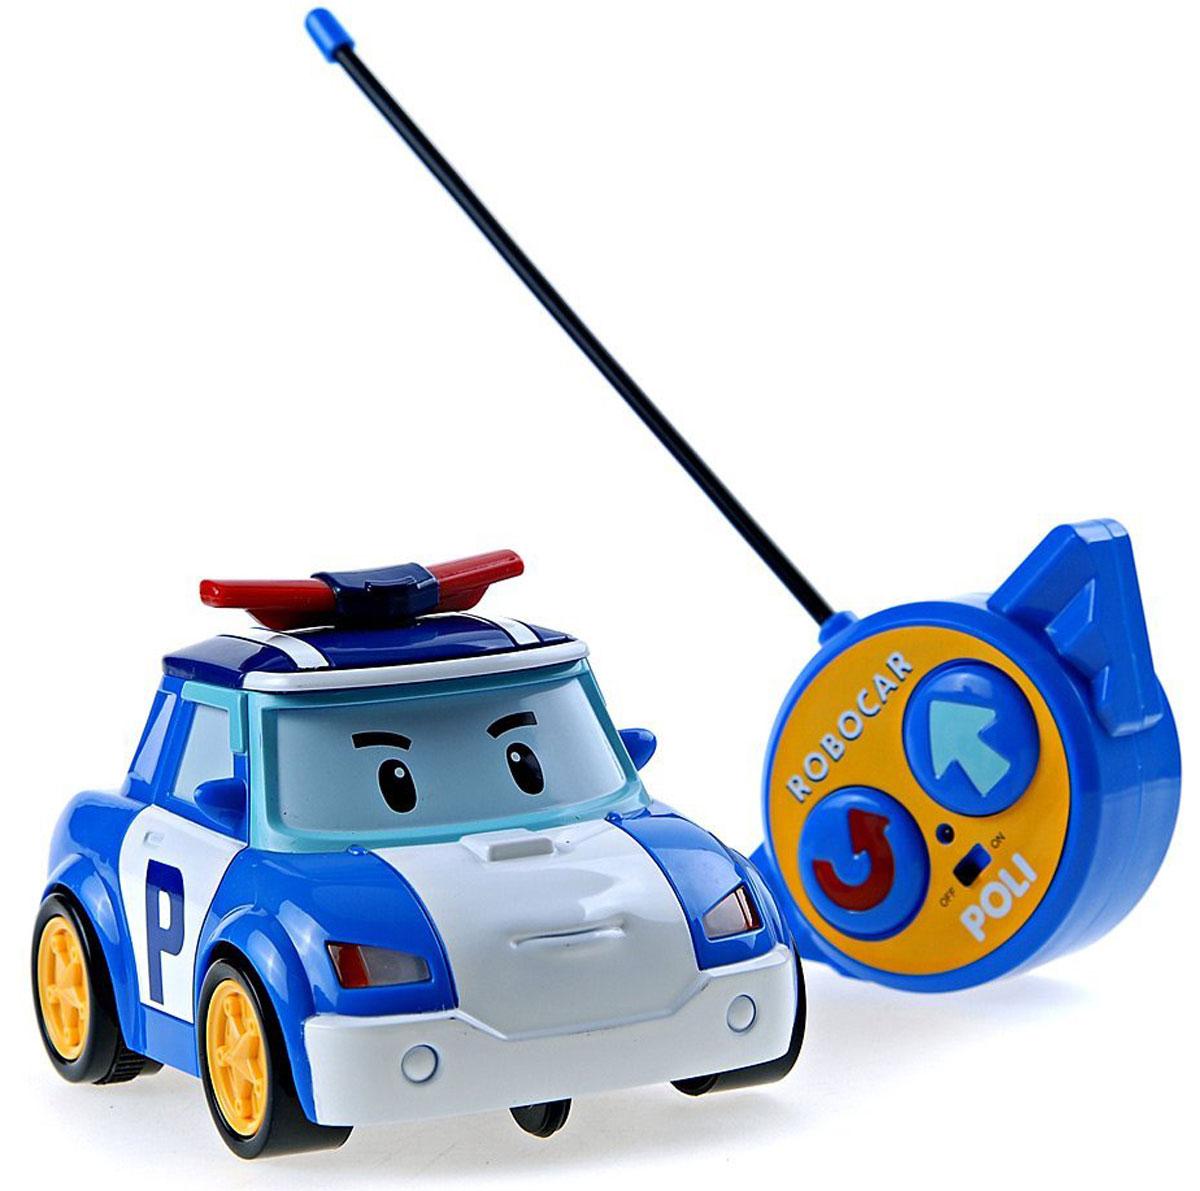 """Радиоуправляемая игрушка со световыми эффектами """"Поли"""" привлечет внимание вашего ребенка и не позволит ему скучать. Она выполнена из прочного пластика синего и белого цветов в виде полицейской машинки Поли - персонажа мультфильма """"Робокар Поли и его друзья"""". Игрушка может двигаться вперед, поворачивать направо и разворачиваться. Во время движения у нее светятся фары. Колеса машинки дополнены резиновыми вставками, которые исключают скольжение игрушки на гладкой поверхности. К машинке прилагается пульт с инфракрасным дистанционным управлением, на котором имеются две крупные кнопки выбора направления движения машинки и кнопка включения. Такая замечательная игрушка подарит вашему малышу массу положительных эмоций! Для работы машинки необходима 3 батареи напряжением напряжением 1,5V типа АА, для работы пульта управления необходима 1 батарея напряжением 9V типа 6LR61 (не входят в комплект)."""